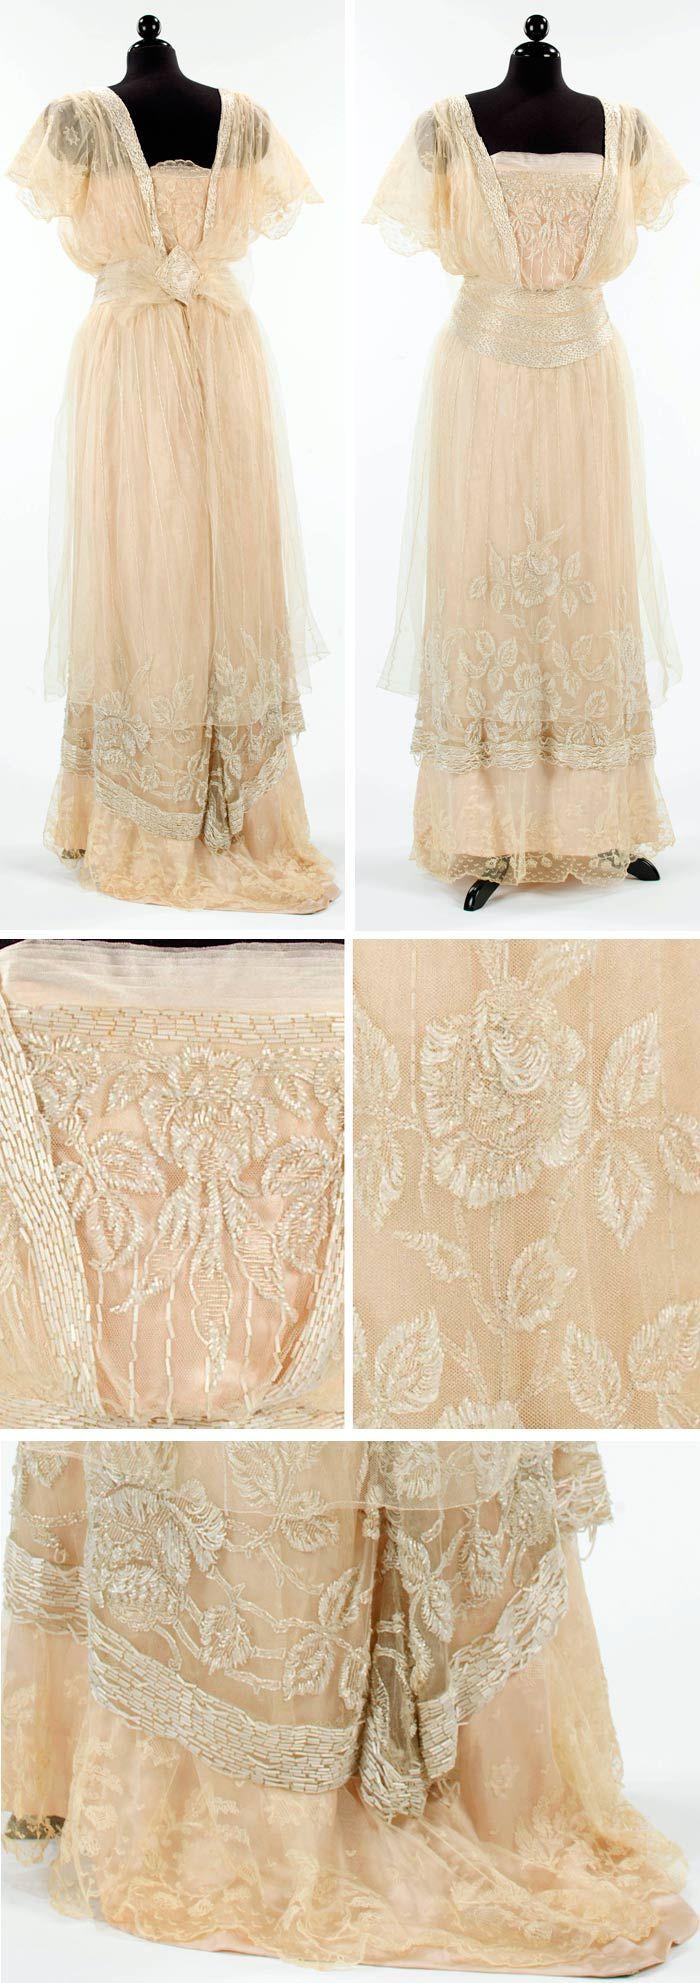 Evening dress, Plaza Gown Parlors, New York, 1911-12. Silk. Metropolitan Museum of Art